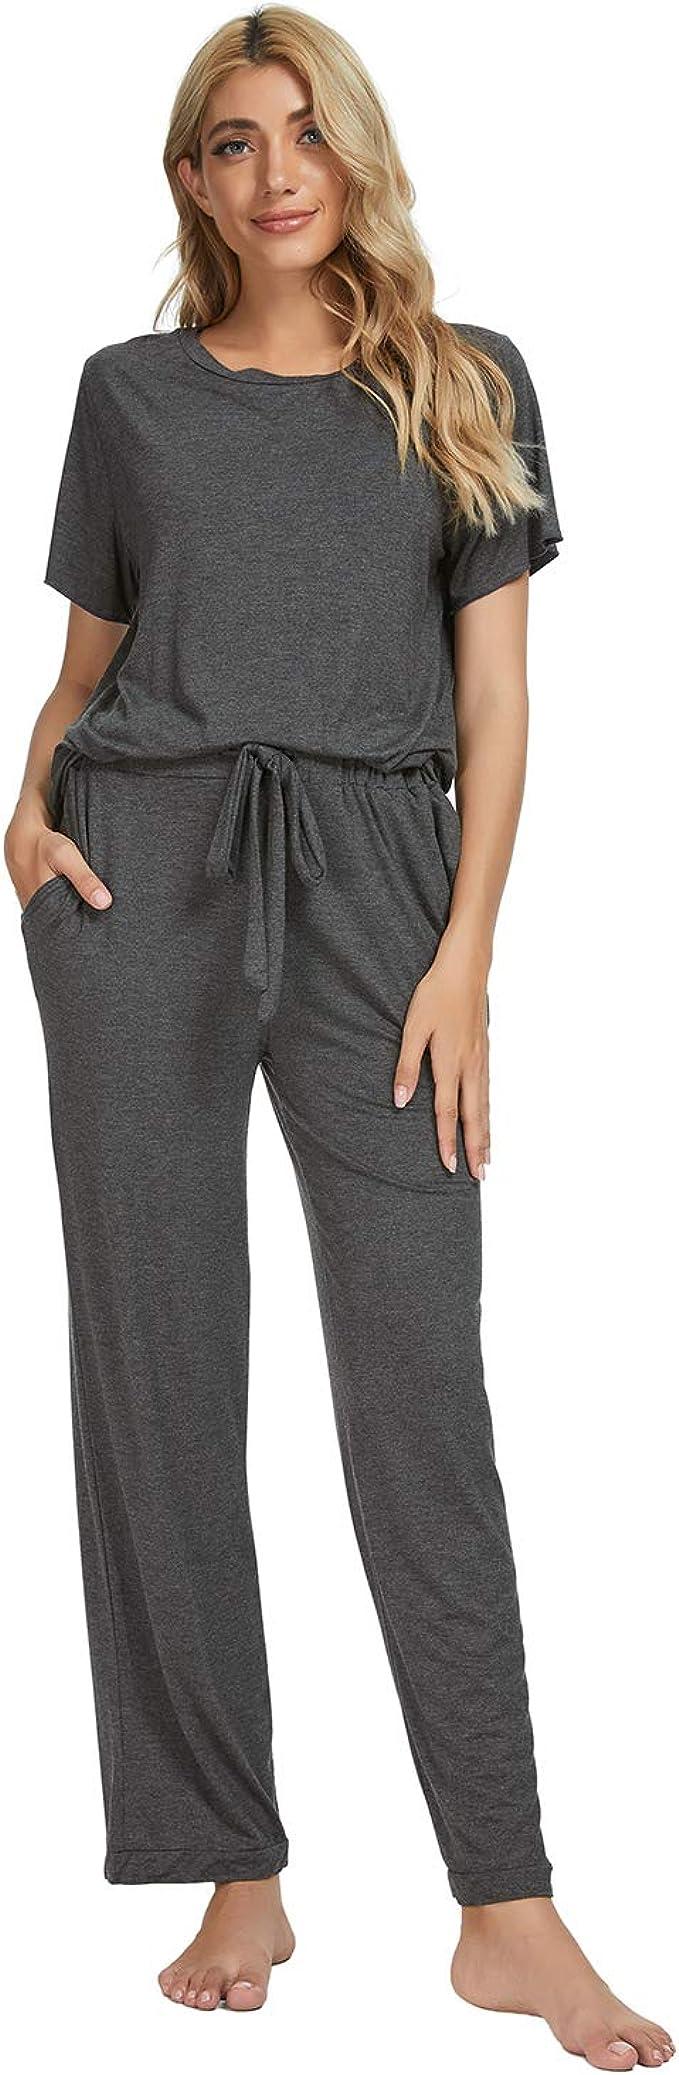 Goso Pijamas Mujer Pijamas De Mujer Ropa De Domir Manga Pantalon Sueltos Largos Estilo Jogging Conjuntos De Salon Suave Amazon Es Ropa Y Accesorios